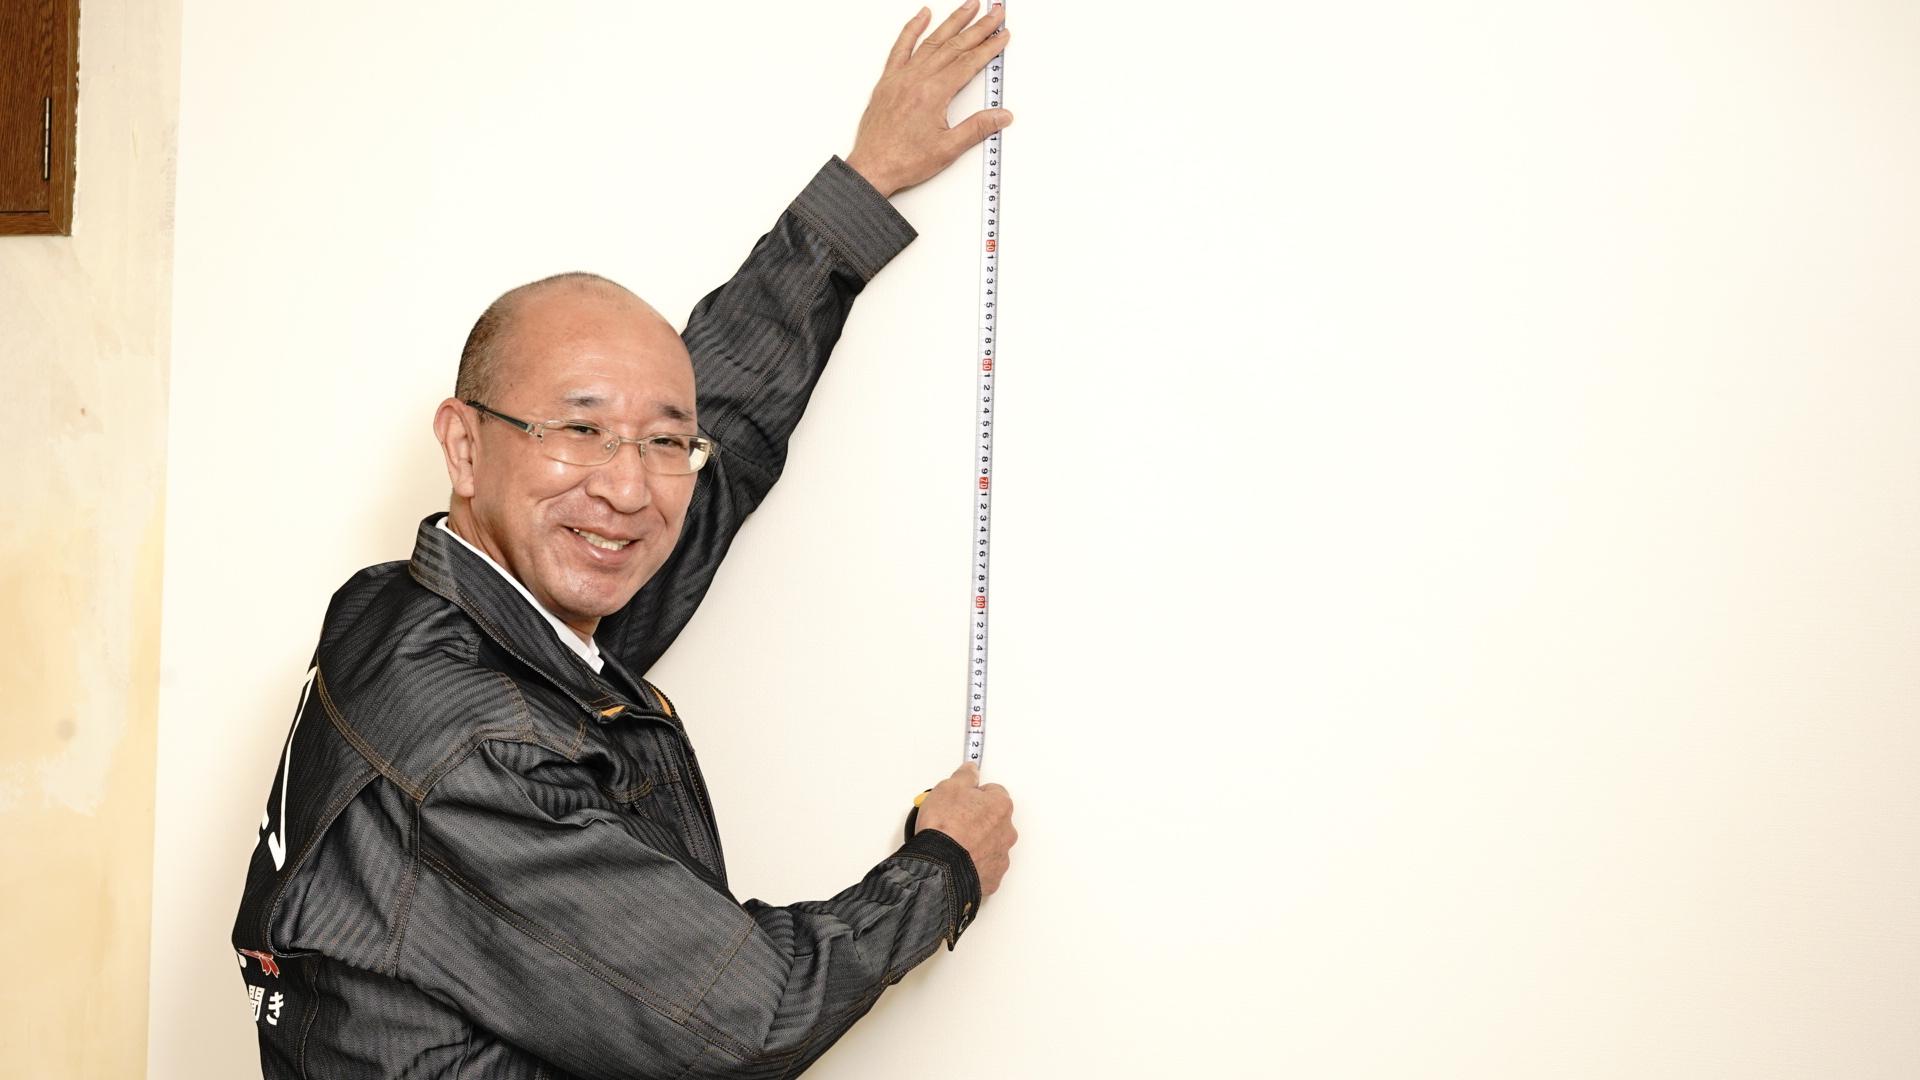 「田中 一成(たなか かずなり)」の顔写真